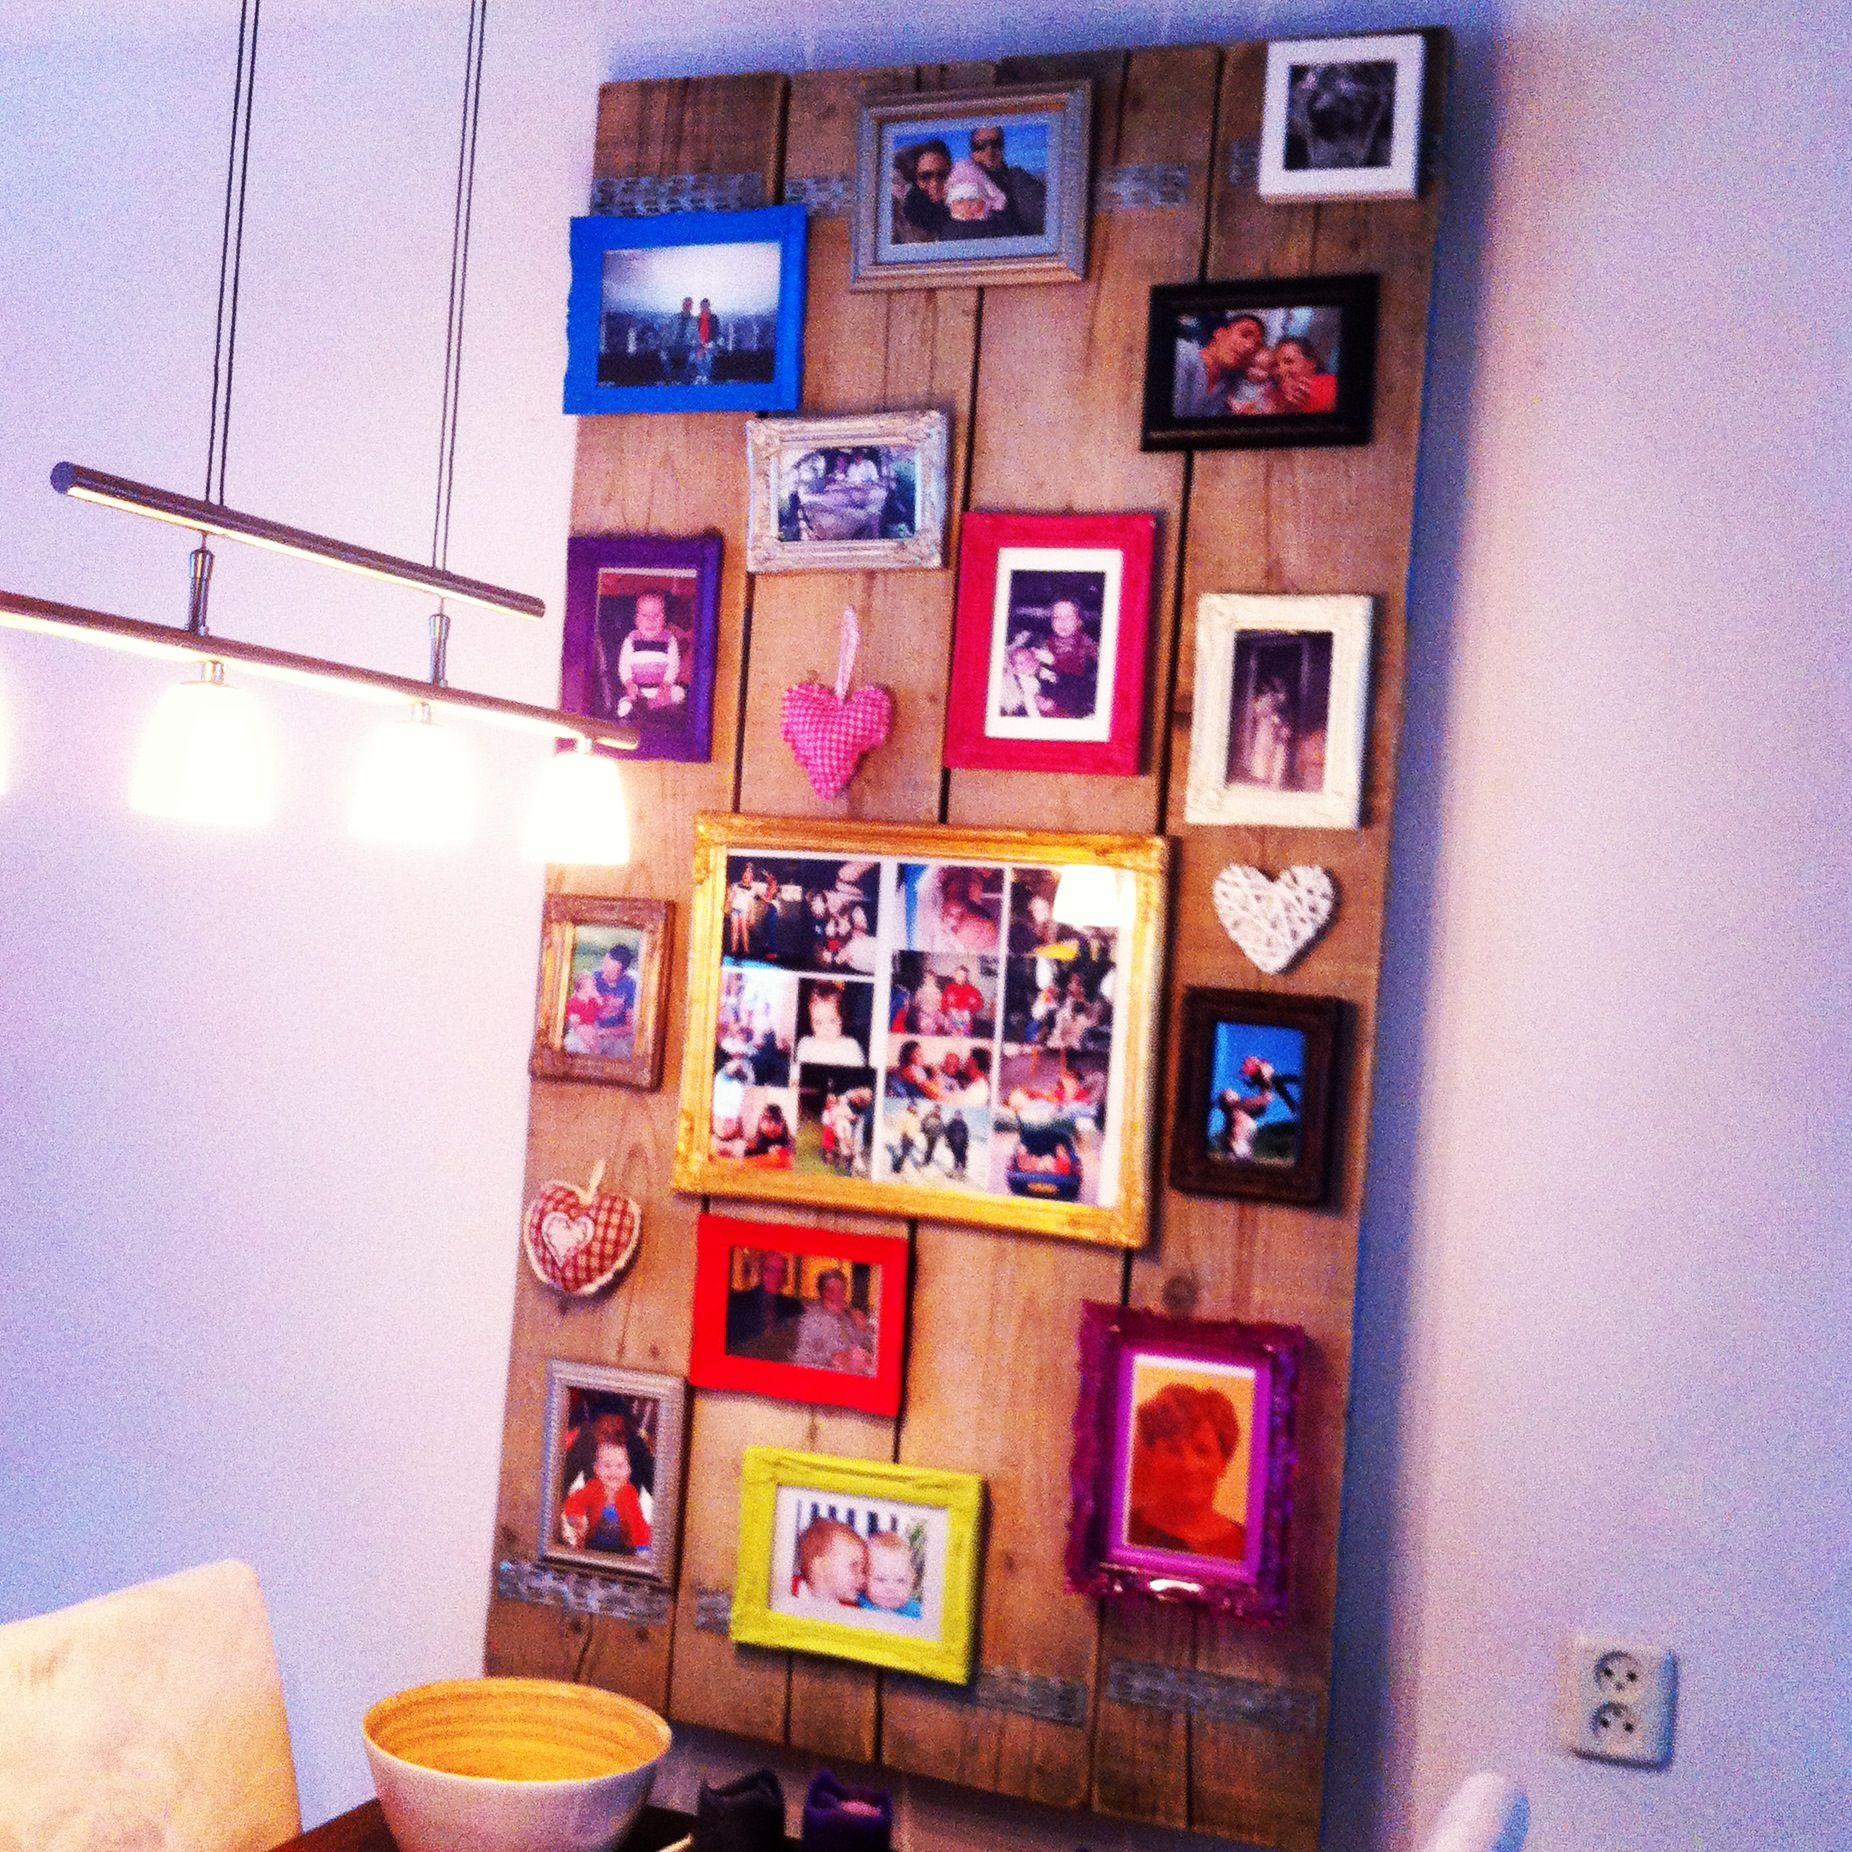 Steigerhouten planken aan de muur, met fotolijstjes ...